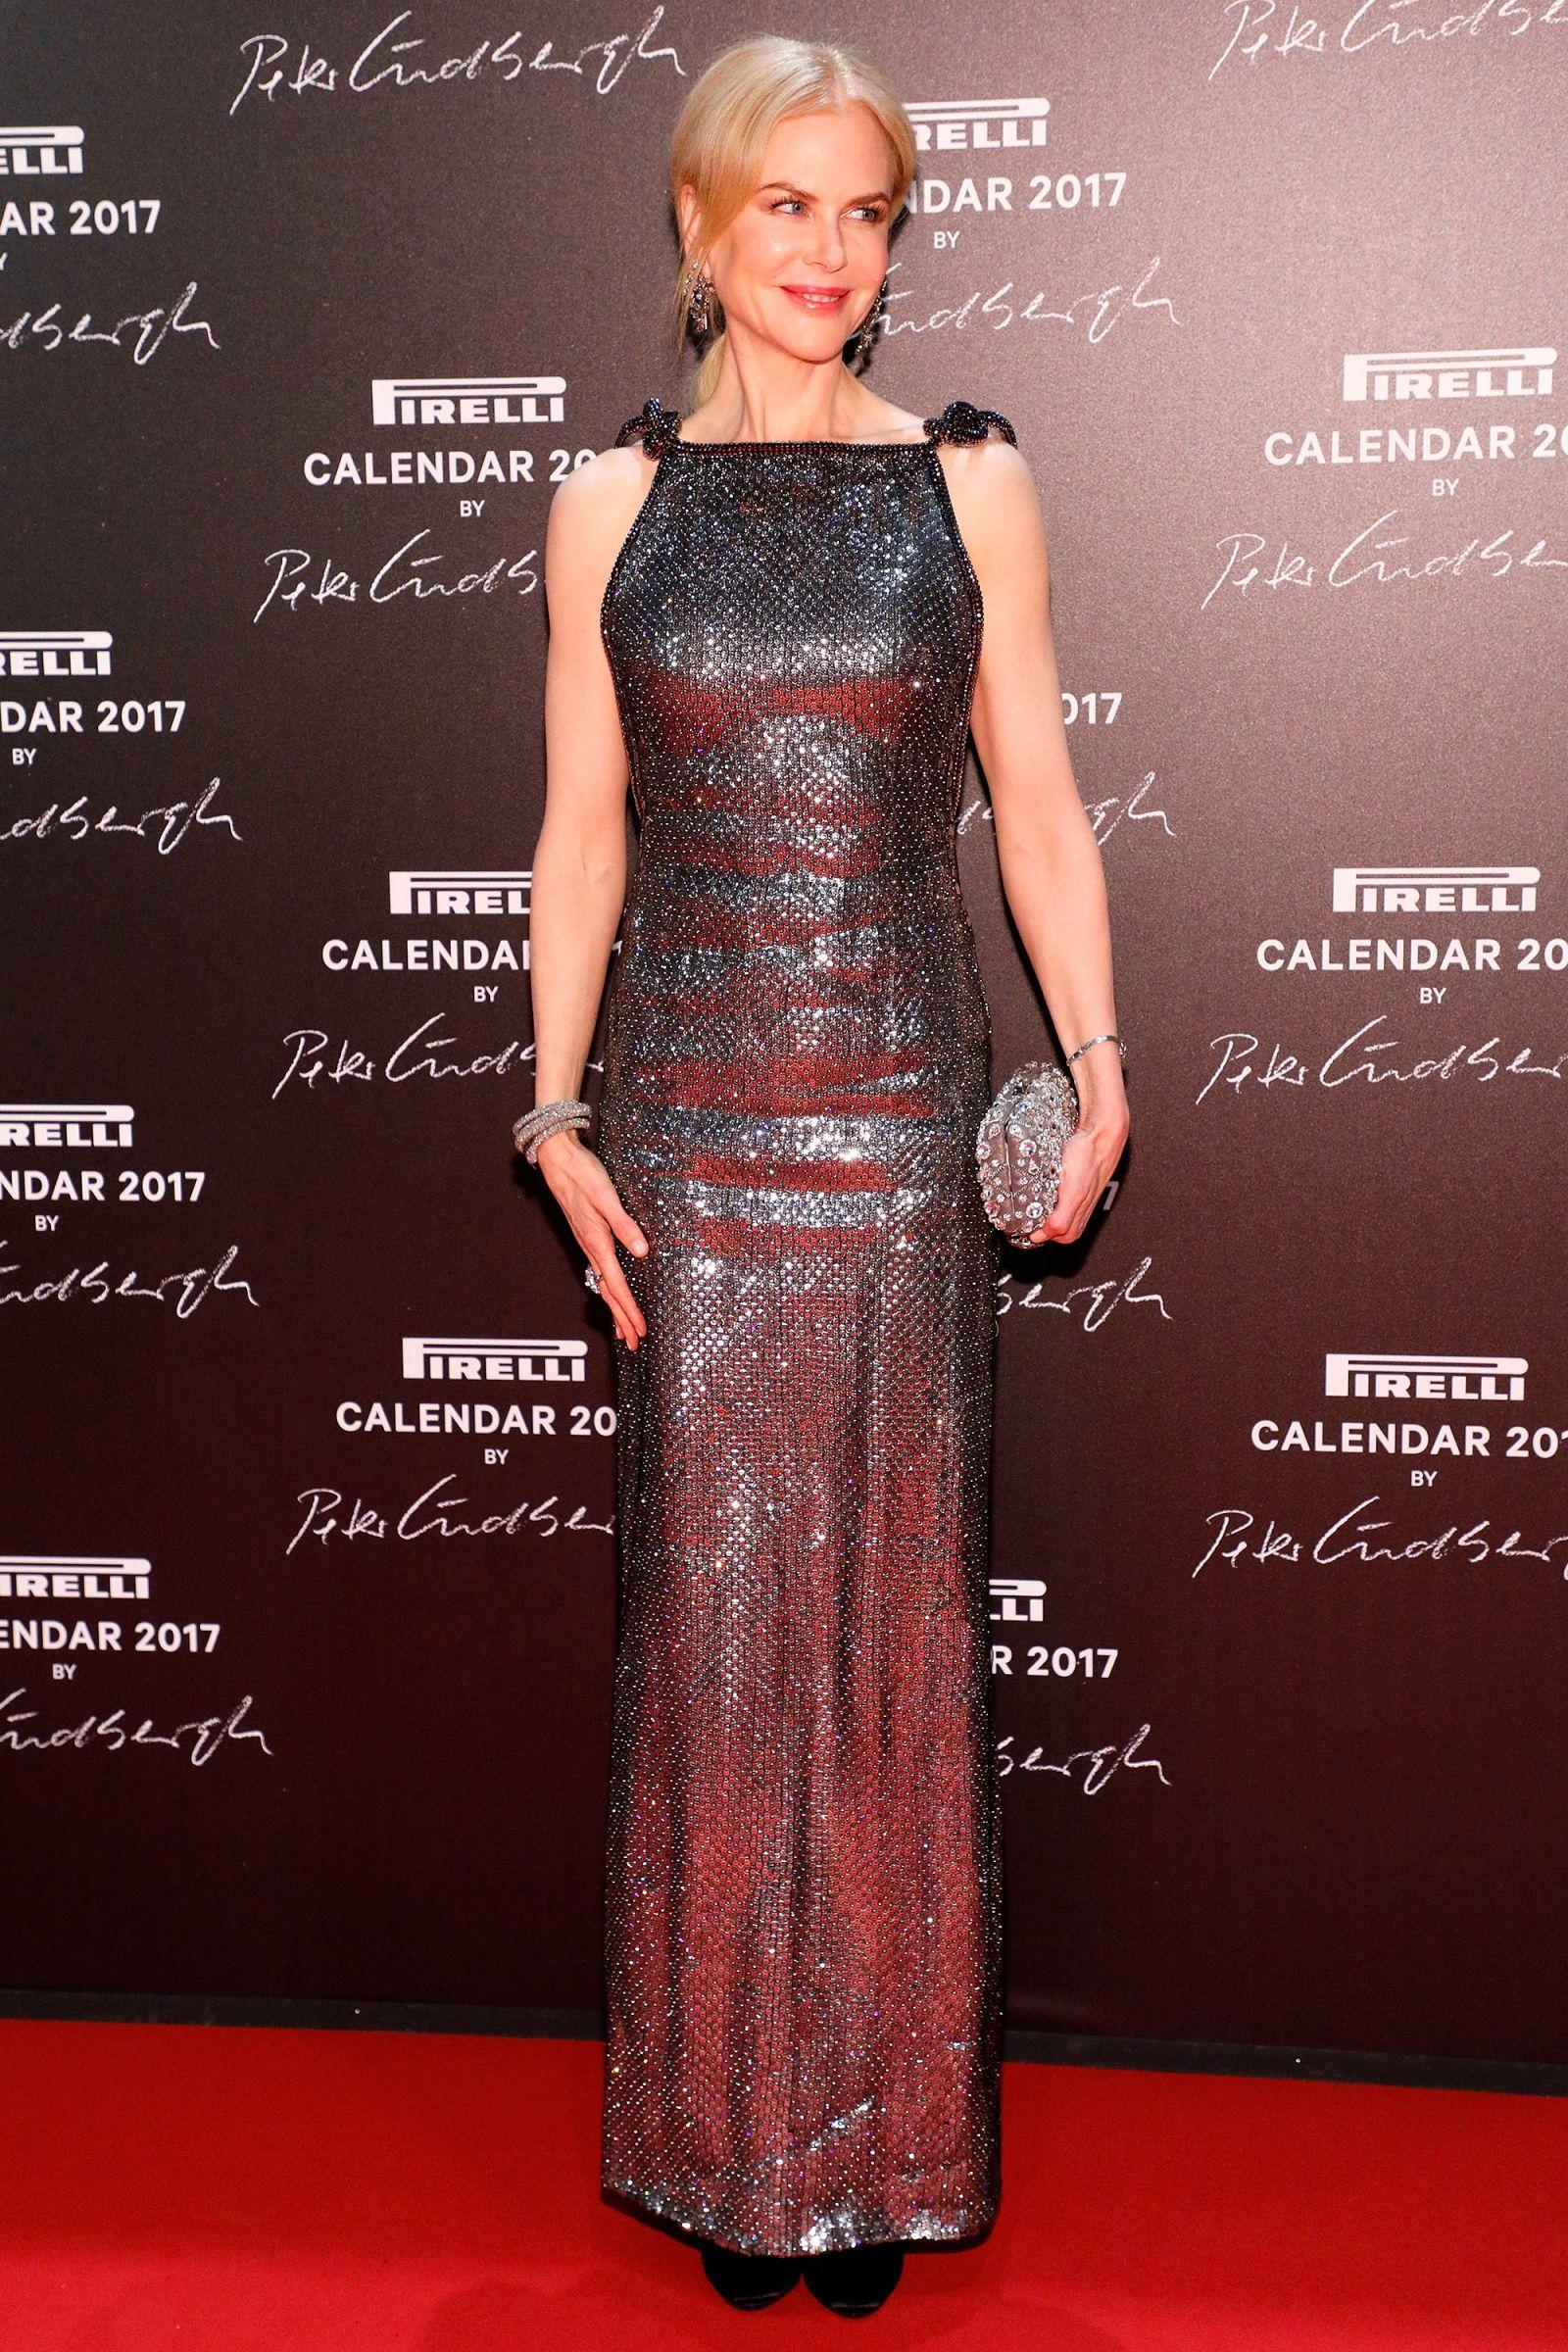 dba0c4d1fd0b Nicole Kidman - Armani Privé   Best Dressed IV   Dresses, Women's ...